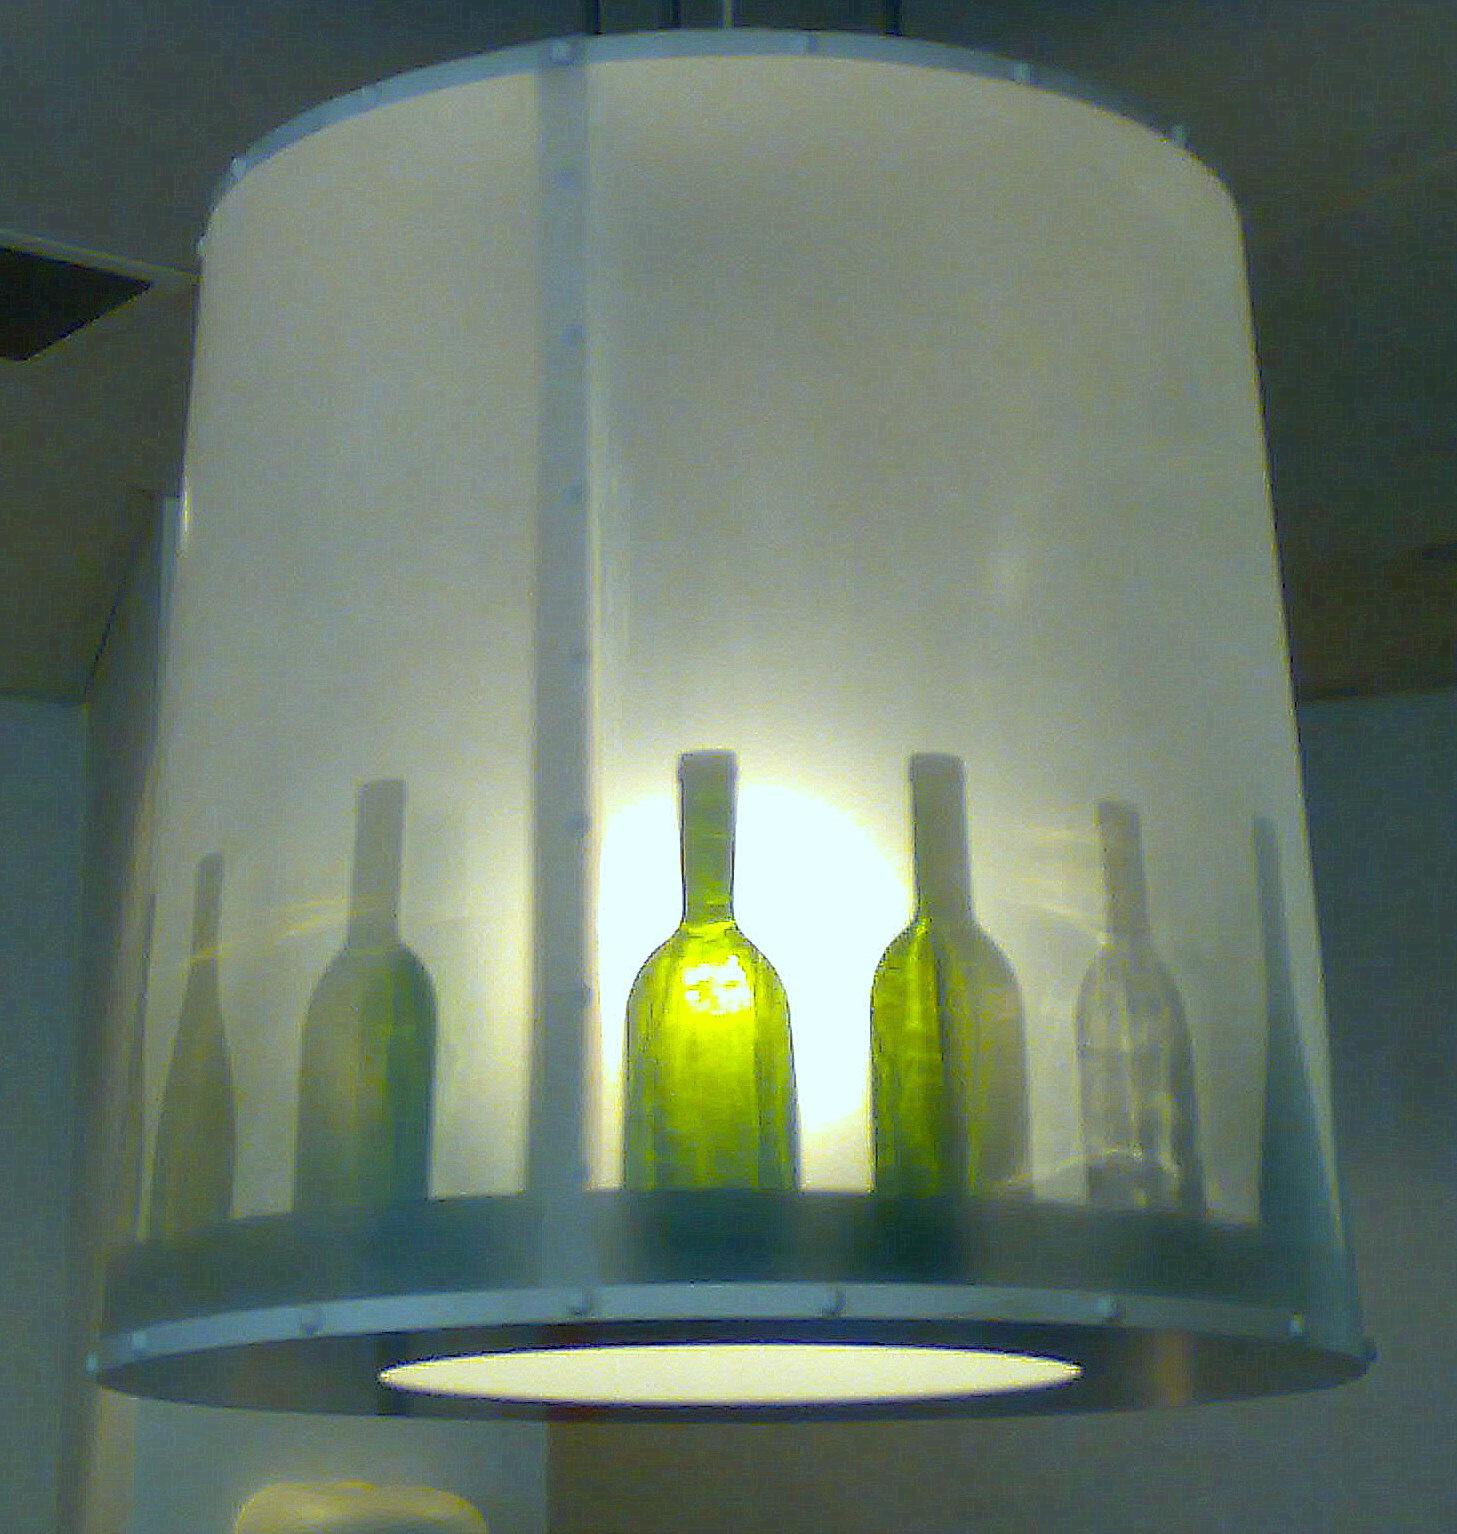 Woonkamer interieur lampen  verlichting  Woneninterieur